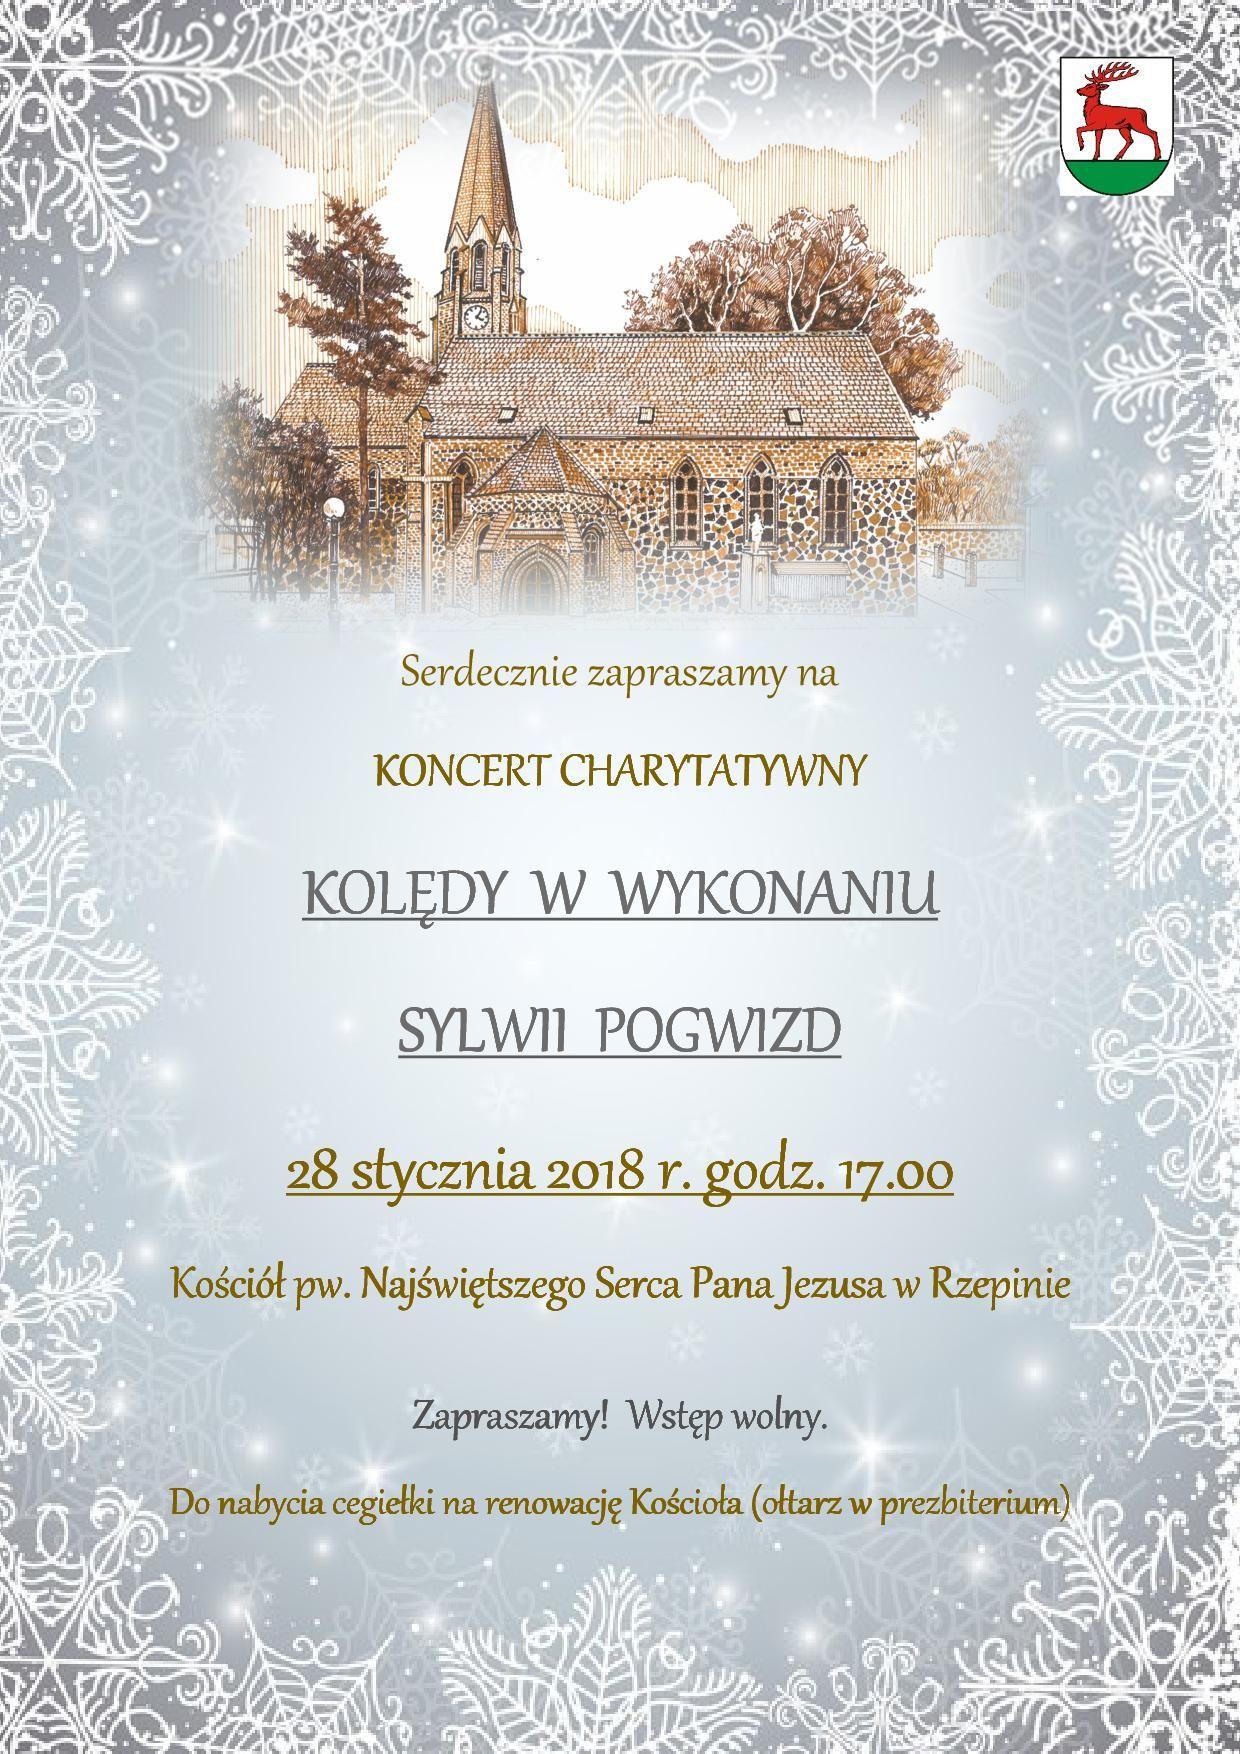 Ilustracja do informacji: Zapraszamy na koncert charytatywny w wykonaniu Sylwii Pogwizd.